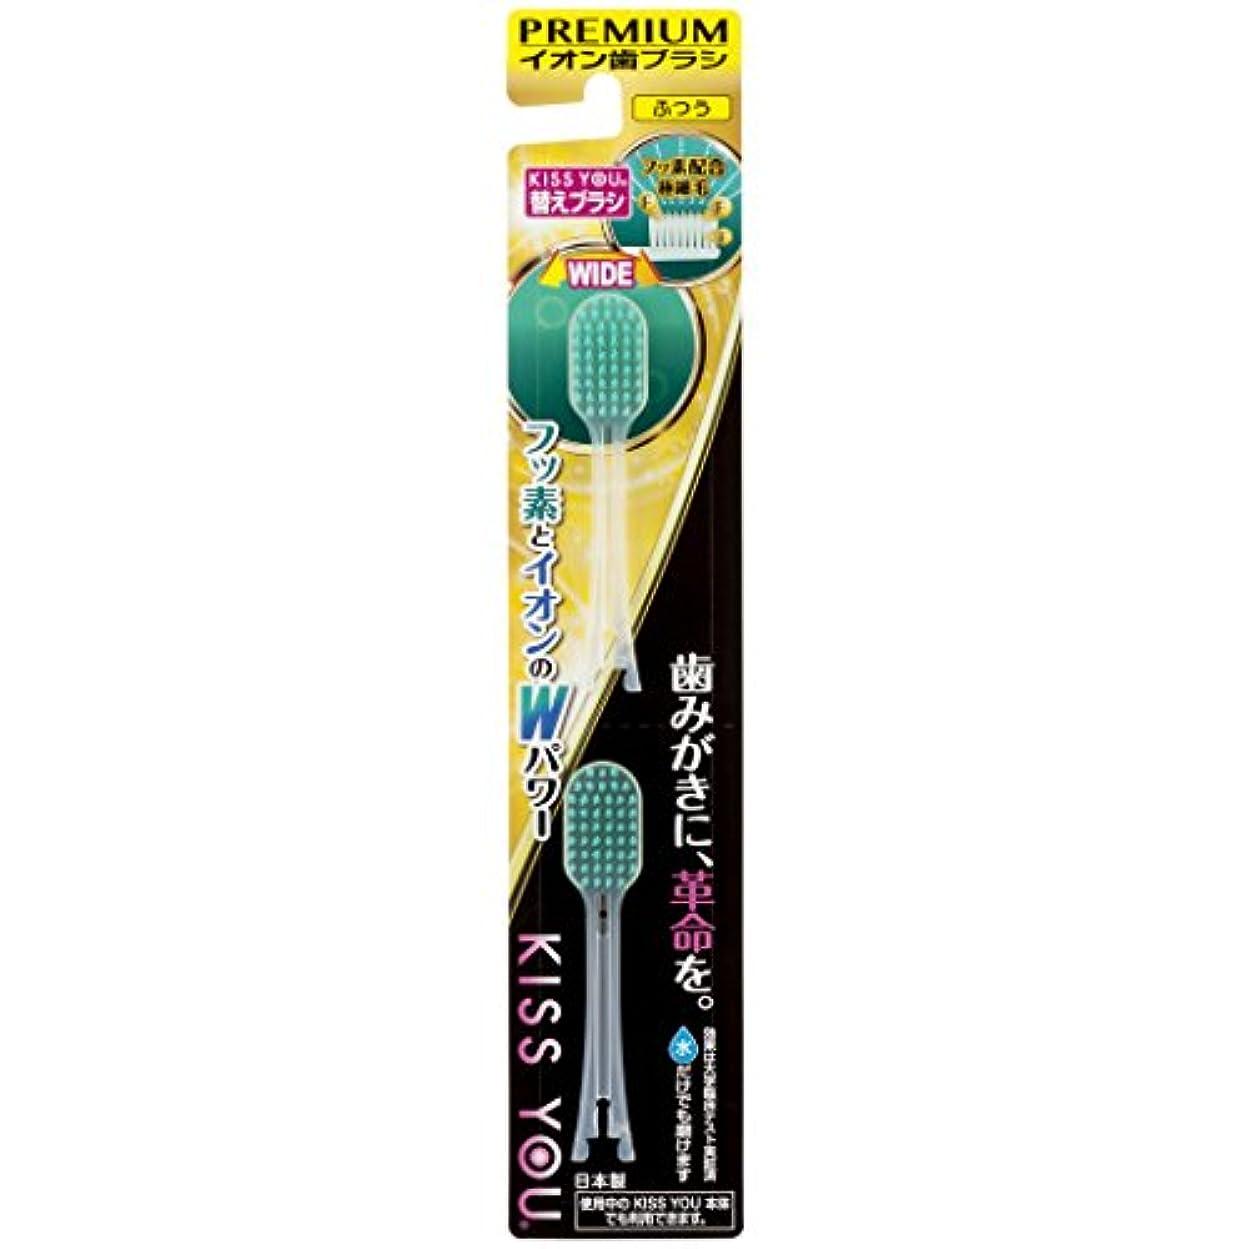 引数ペア薬を飲むKISS YOU 歯ブラシ フッ素ワイドヘッド+C63:F134 替え ふつう (2本入り)